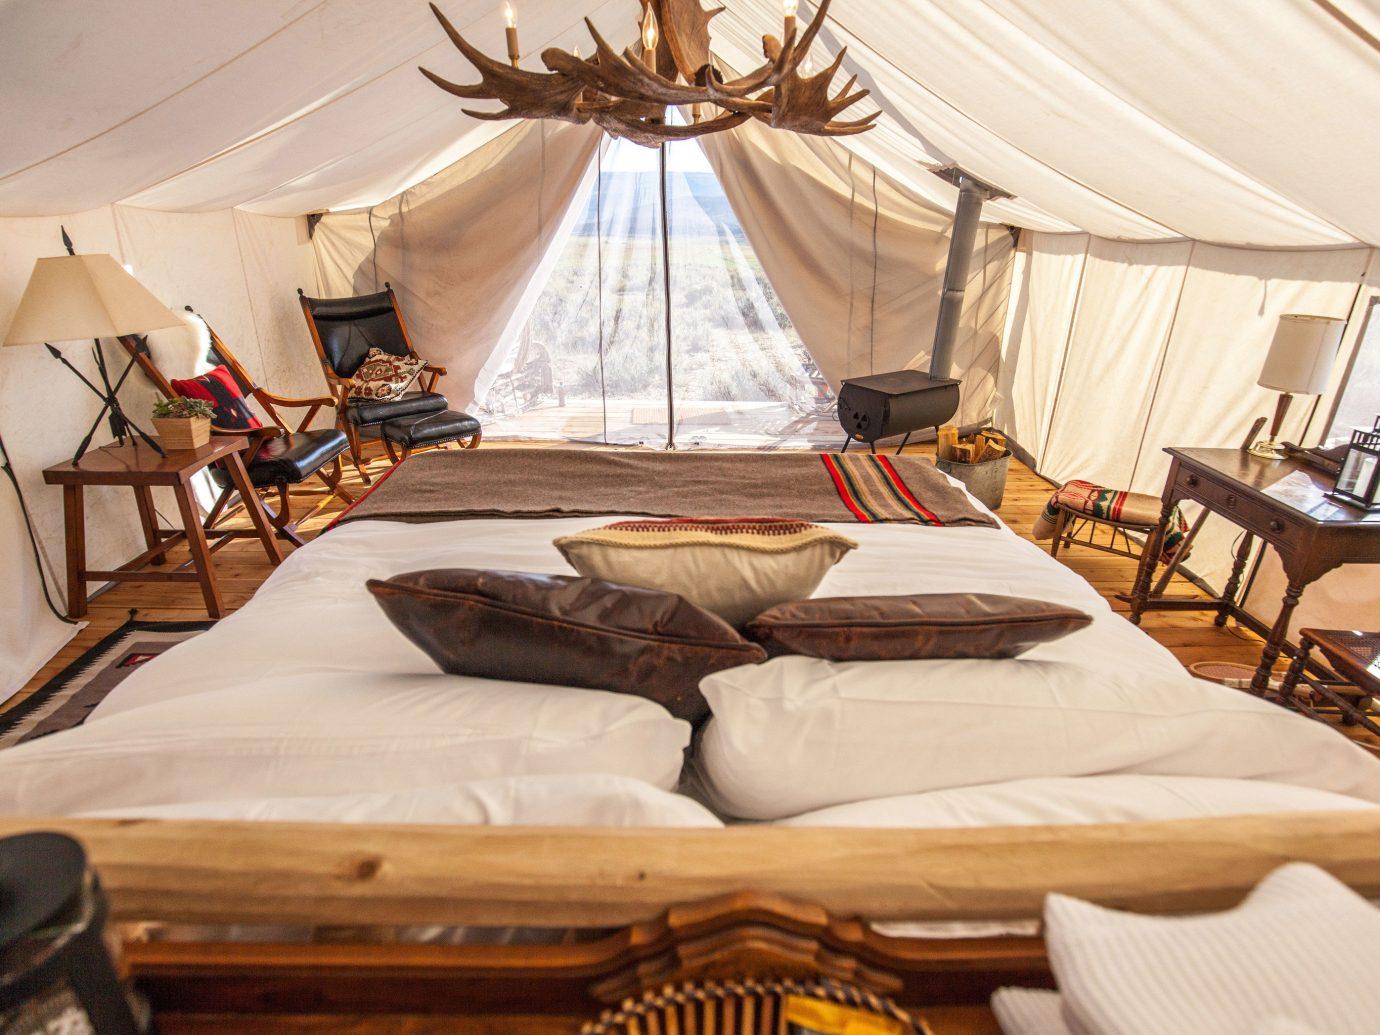 Glamping Outdoors + Adventure Weekend Getaways indoor room estate interior design Suite cottage bed sheet Resort Bedroom